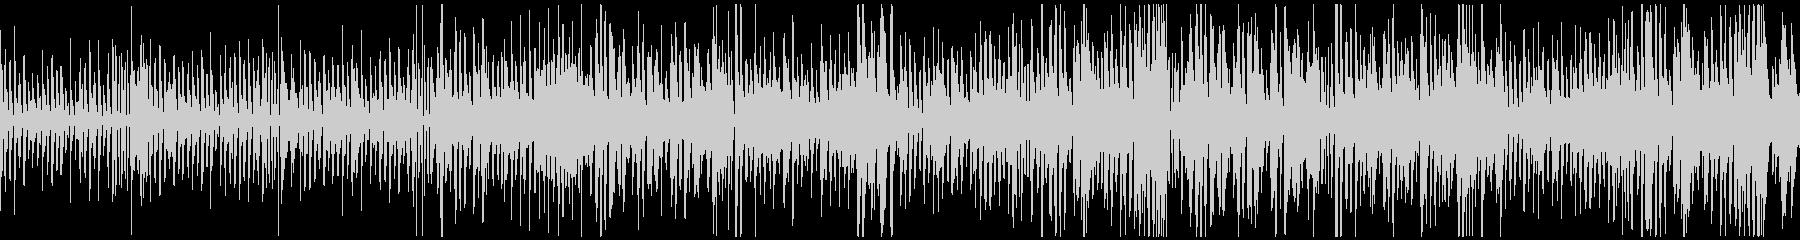 ピアノとベースジャズ系ハロウィン/ループの未再生の波形